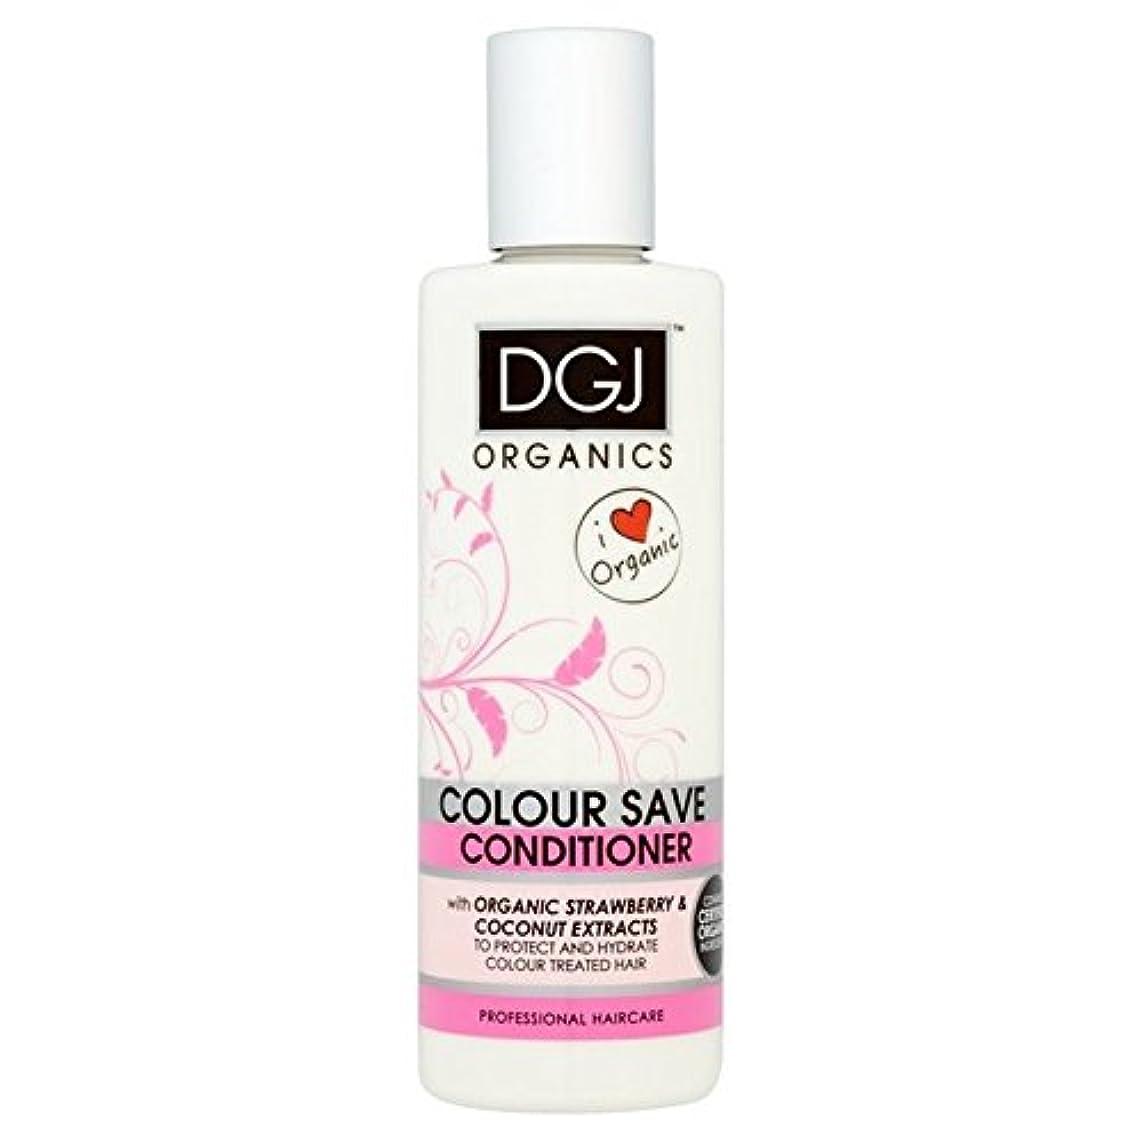 連続的期間開いたDGJ Organics Colour Save Conditioner 250ml (Pack of 6) - 有機物の色コンディショナー250を保存 x6 [並行輸入品]